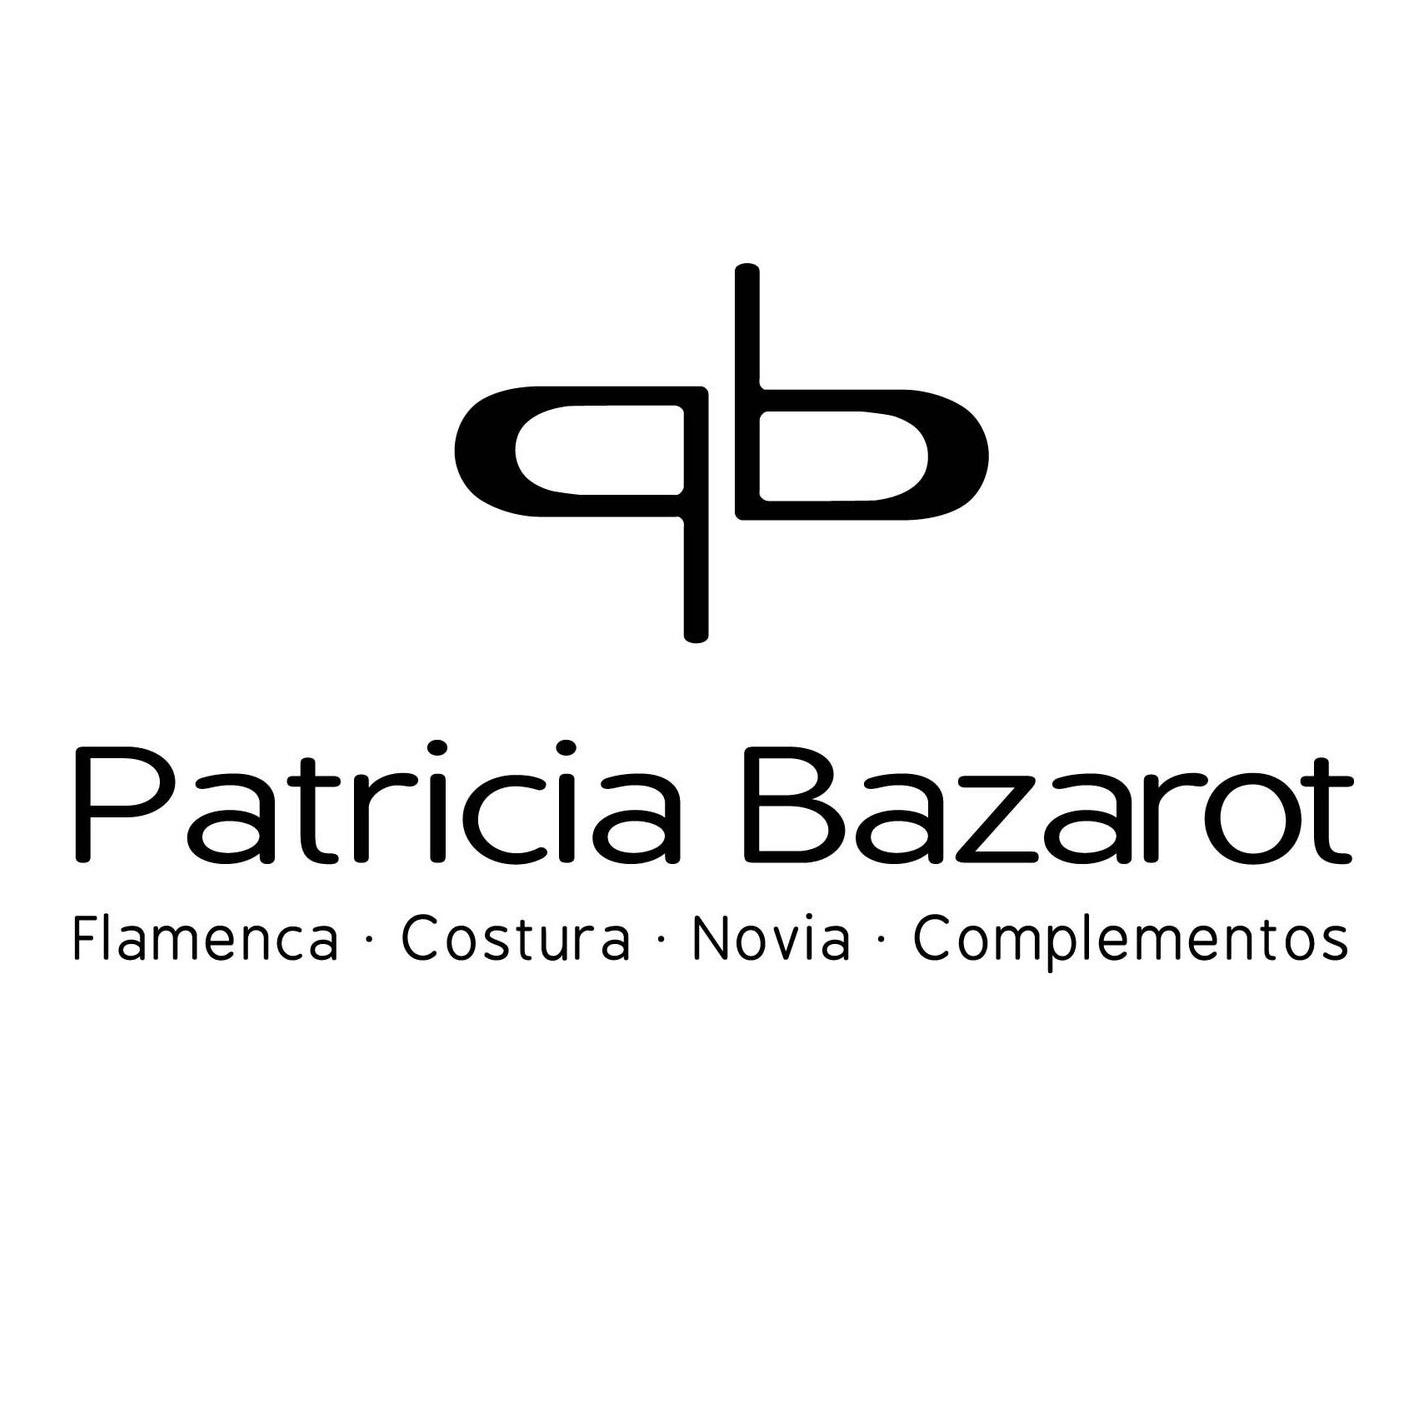 Patricia Bazarot - Diseñadora de moda. Flamenca, novia e invitada